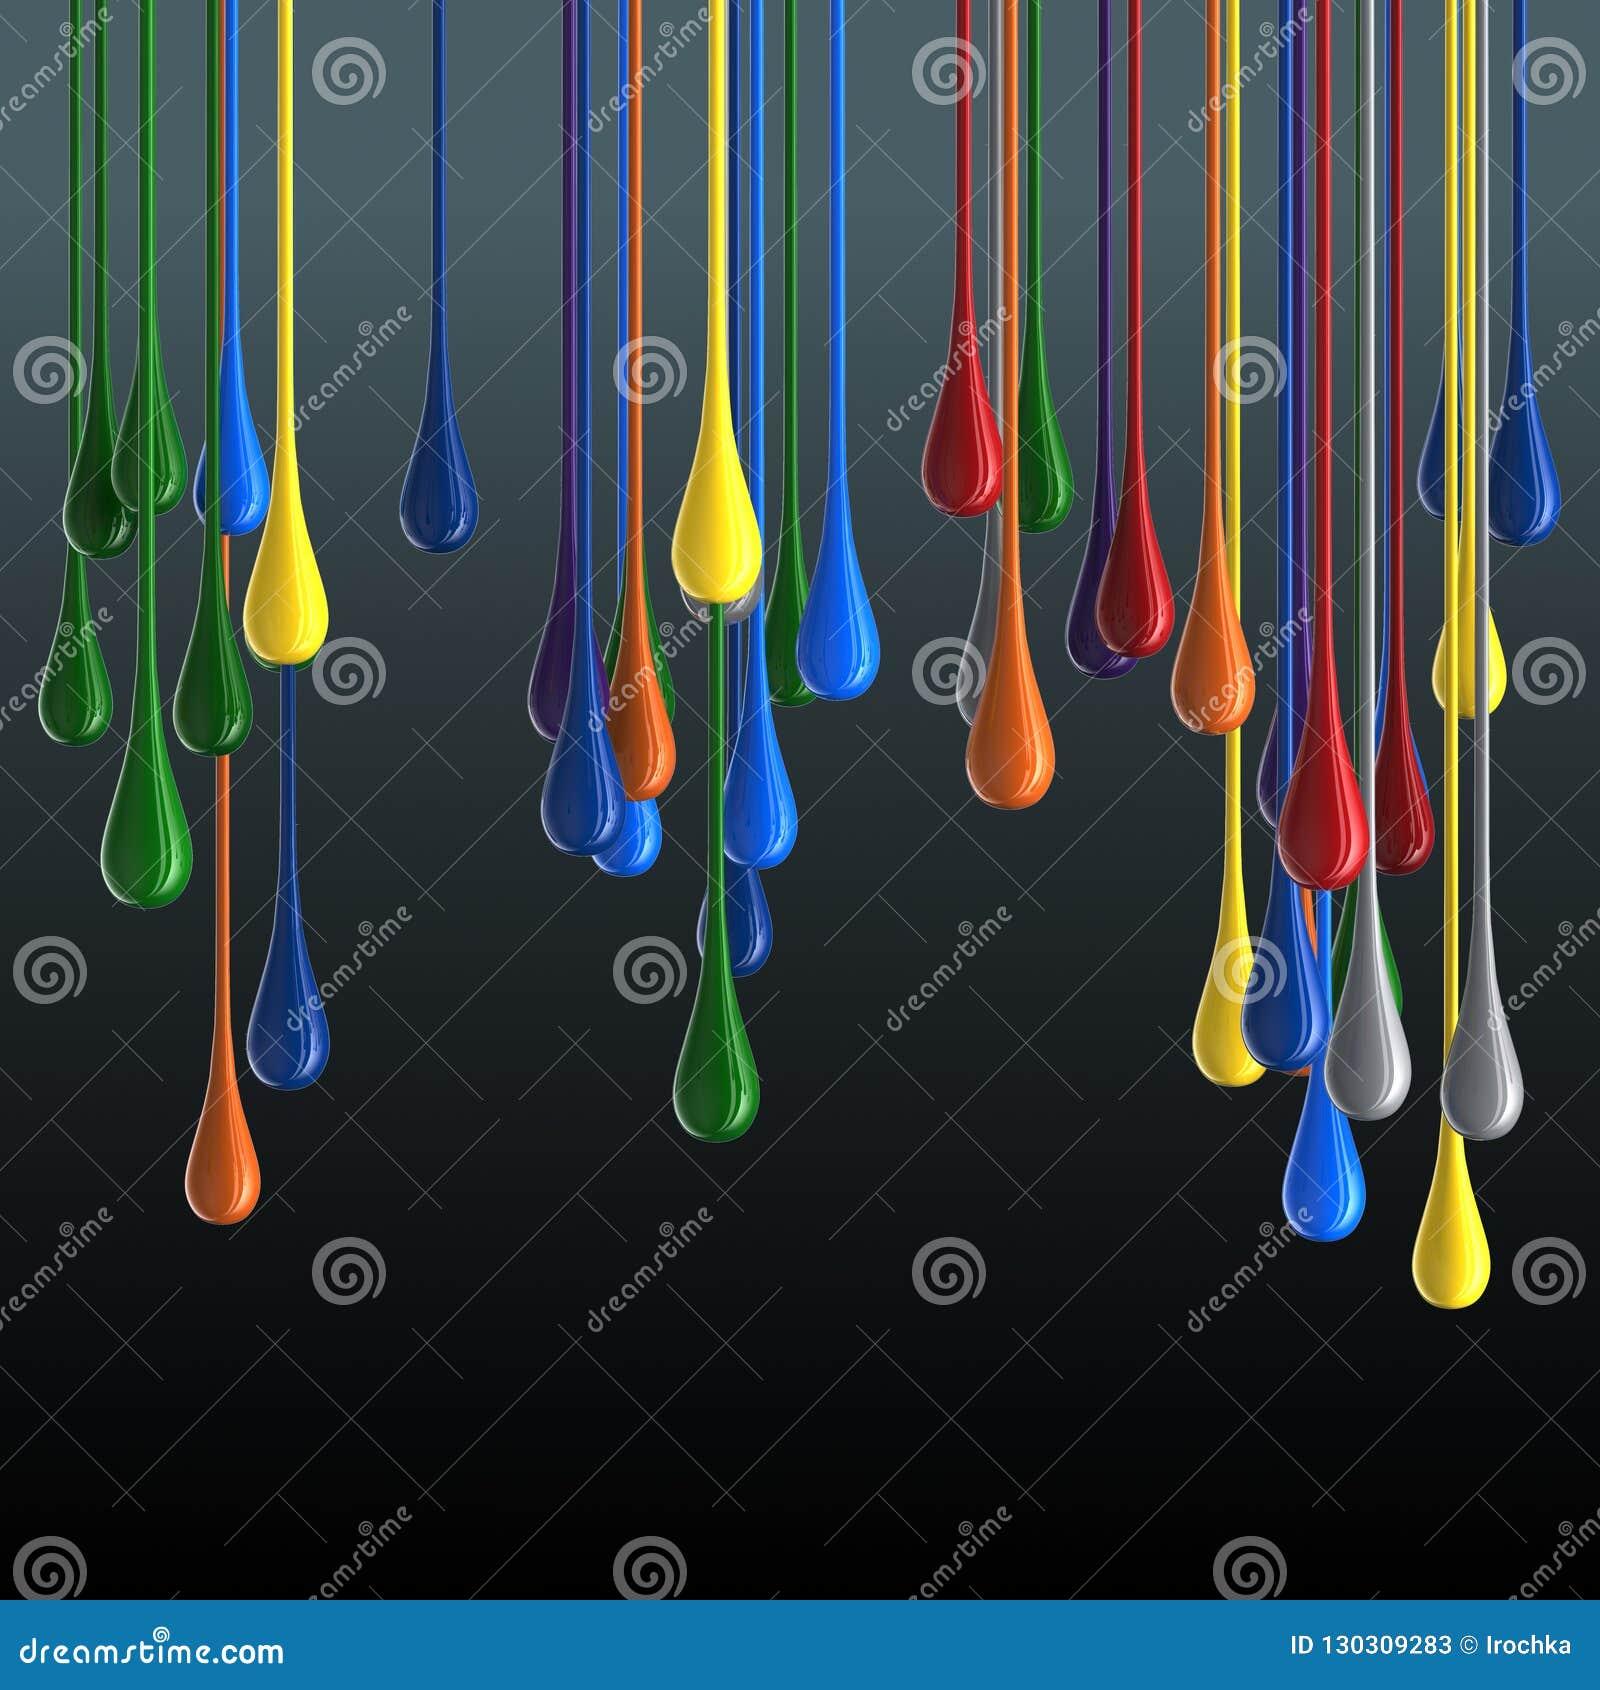 τρισδιάστατες πολύχρωμες στιλπνές σταγόνες πτώσης χρωμάτων στο μαύρο υπόβαθρο